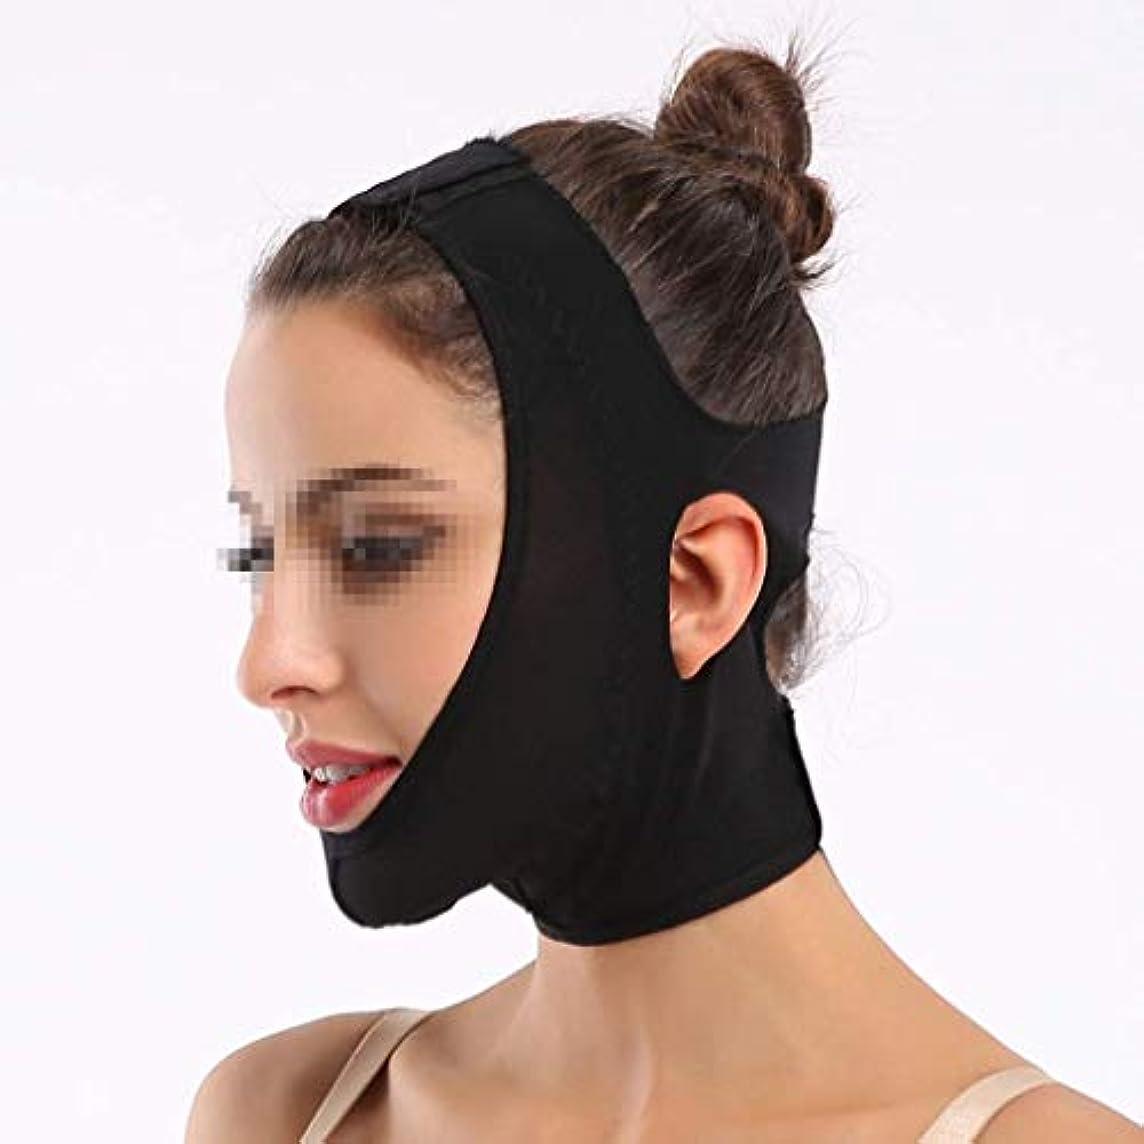 椅子エキスパートフォークVフェイスマスク、包帯マスクを持ち上げて引き締めるスキニービューティーサロン1日2時間Vフェイスマッサージ術後回復